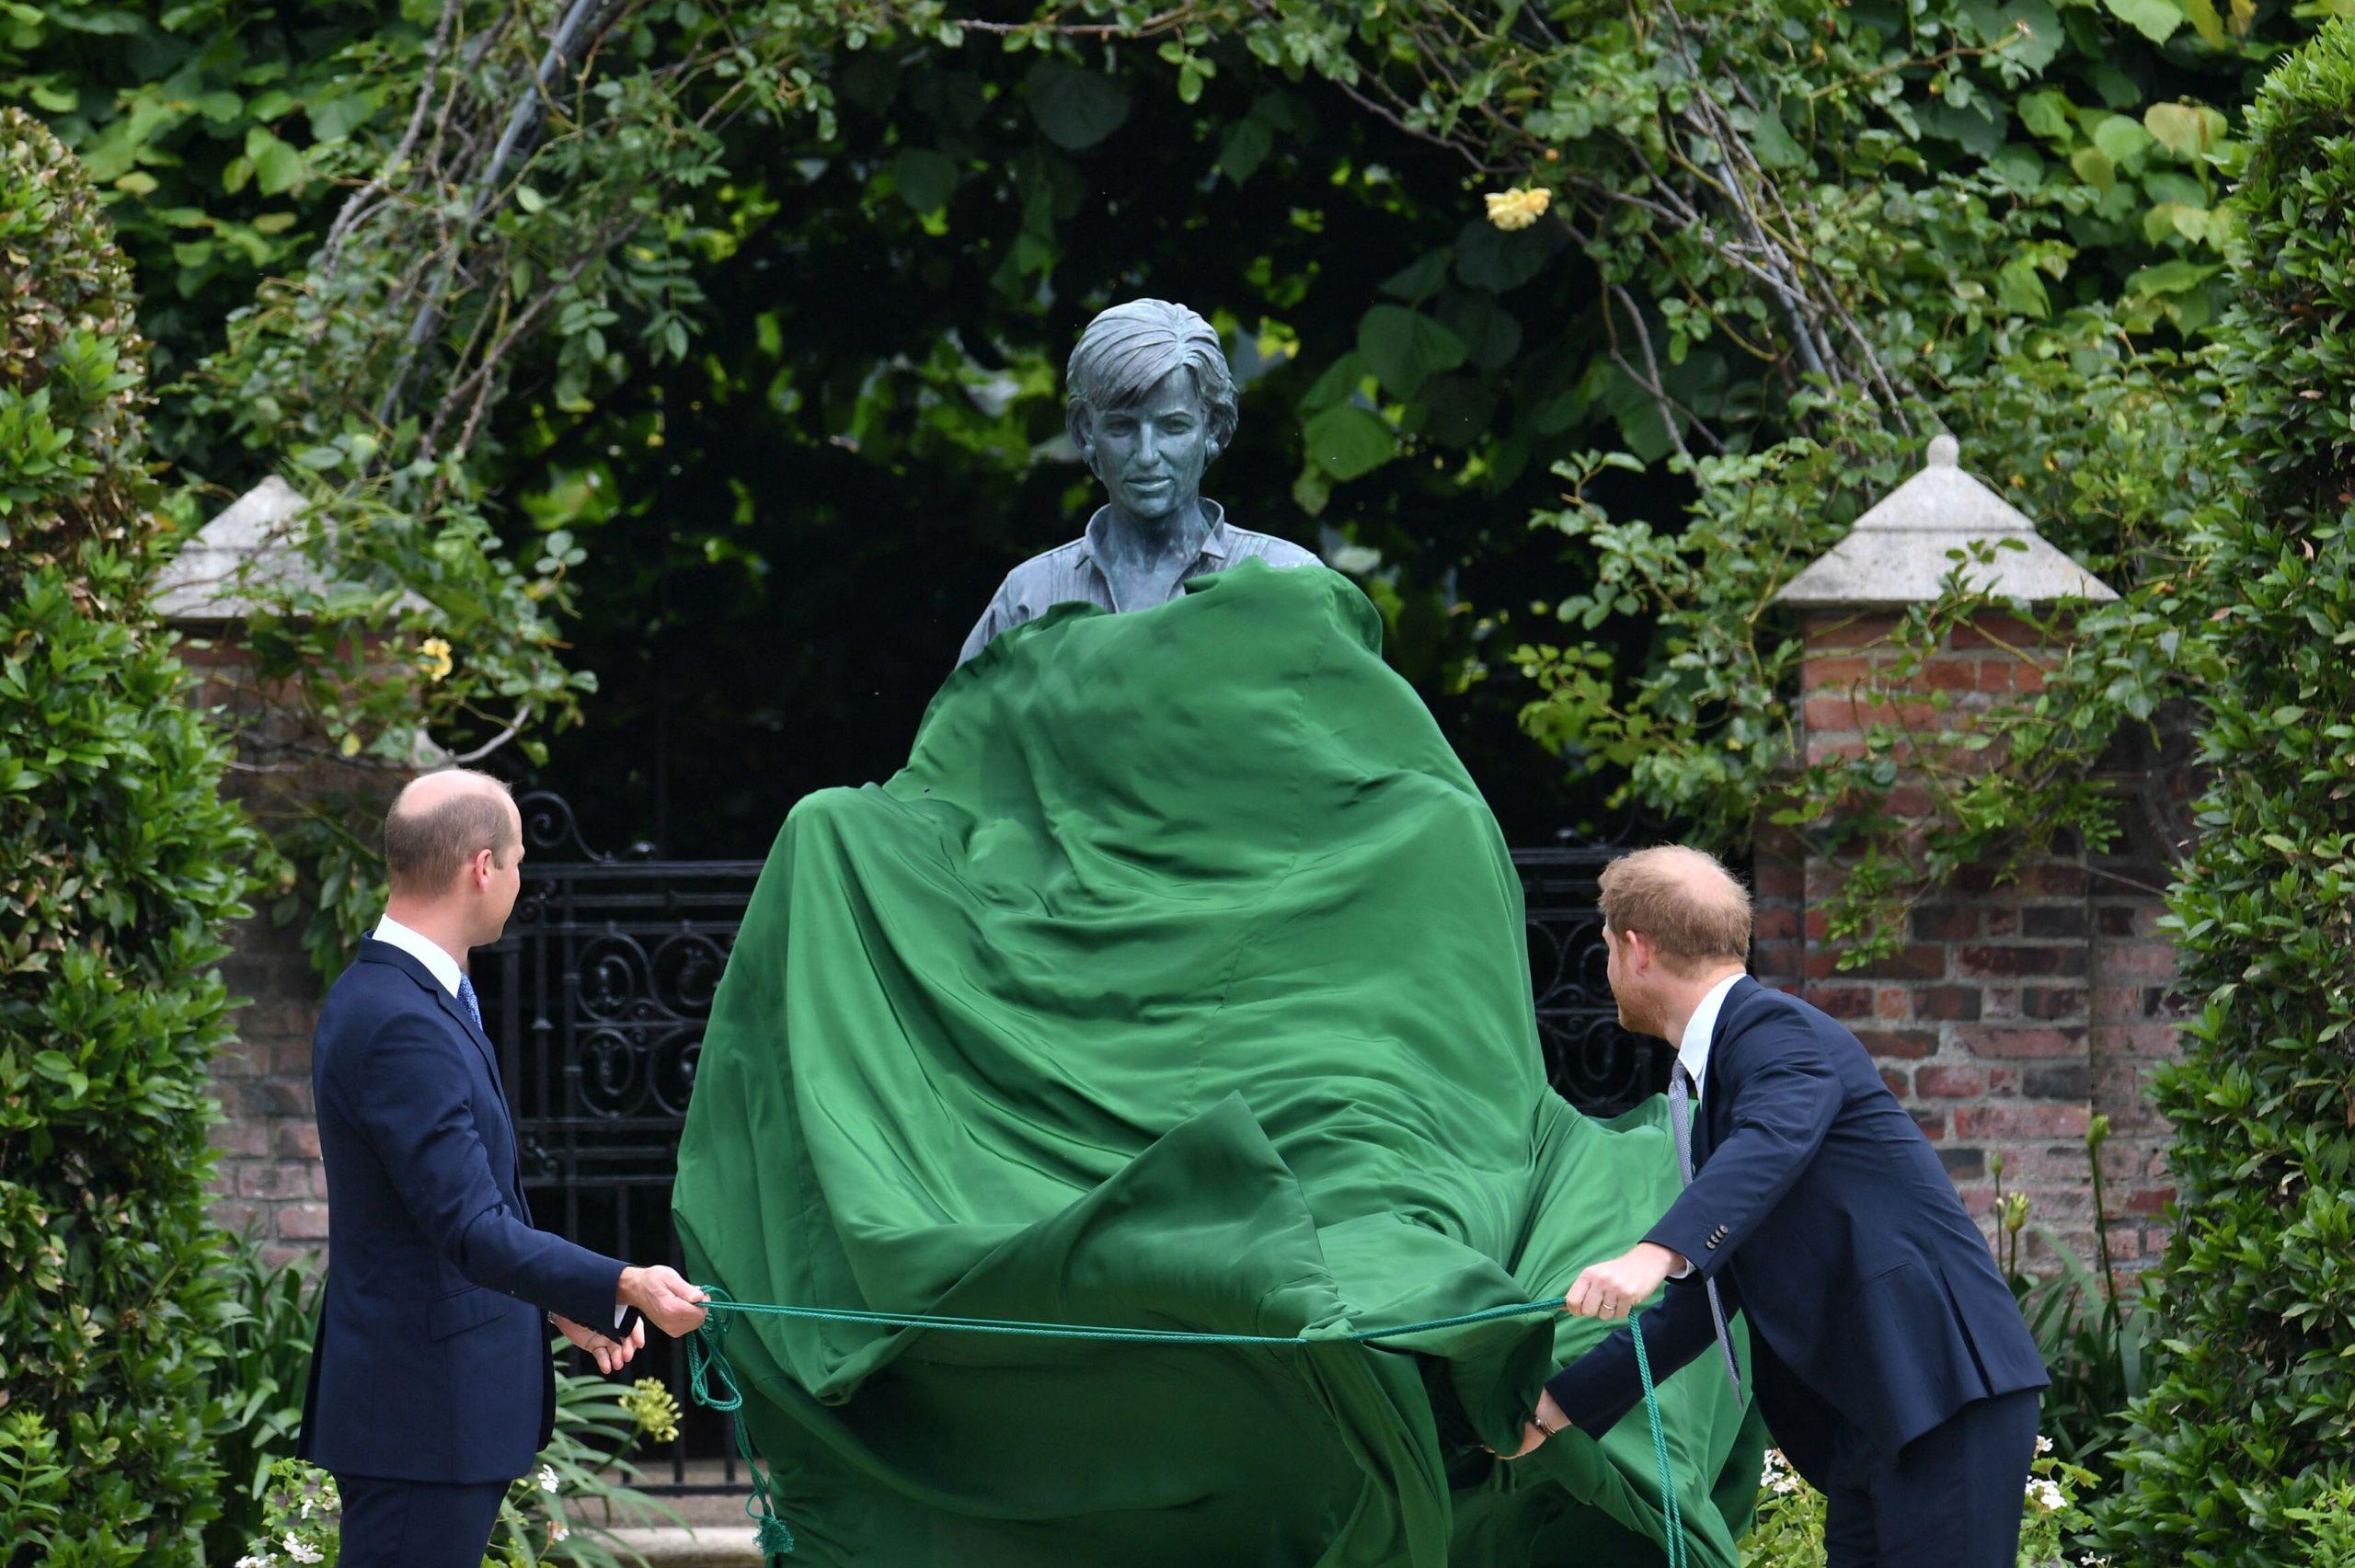 ¿Habría reconciliación? William y Harry develan la estatua de su madre la princesa Diana